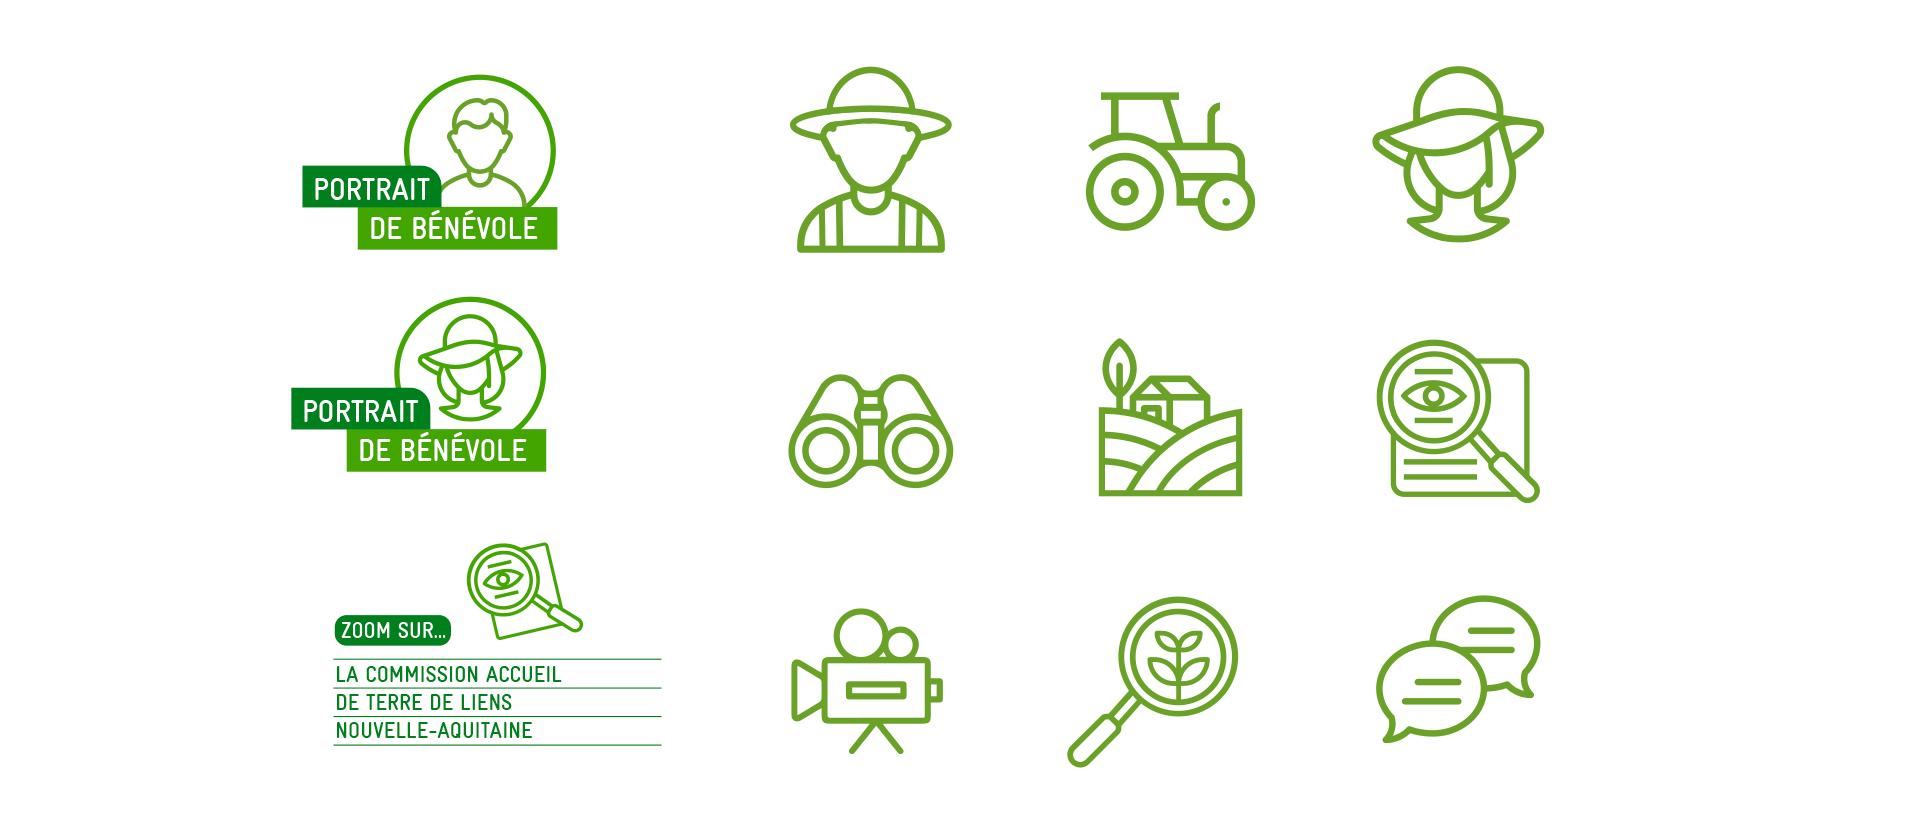 pictogrammes charte graphique - écologie, agriculture responsable